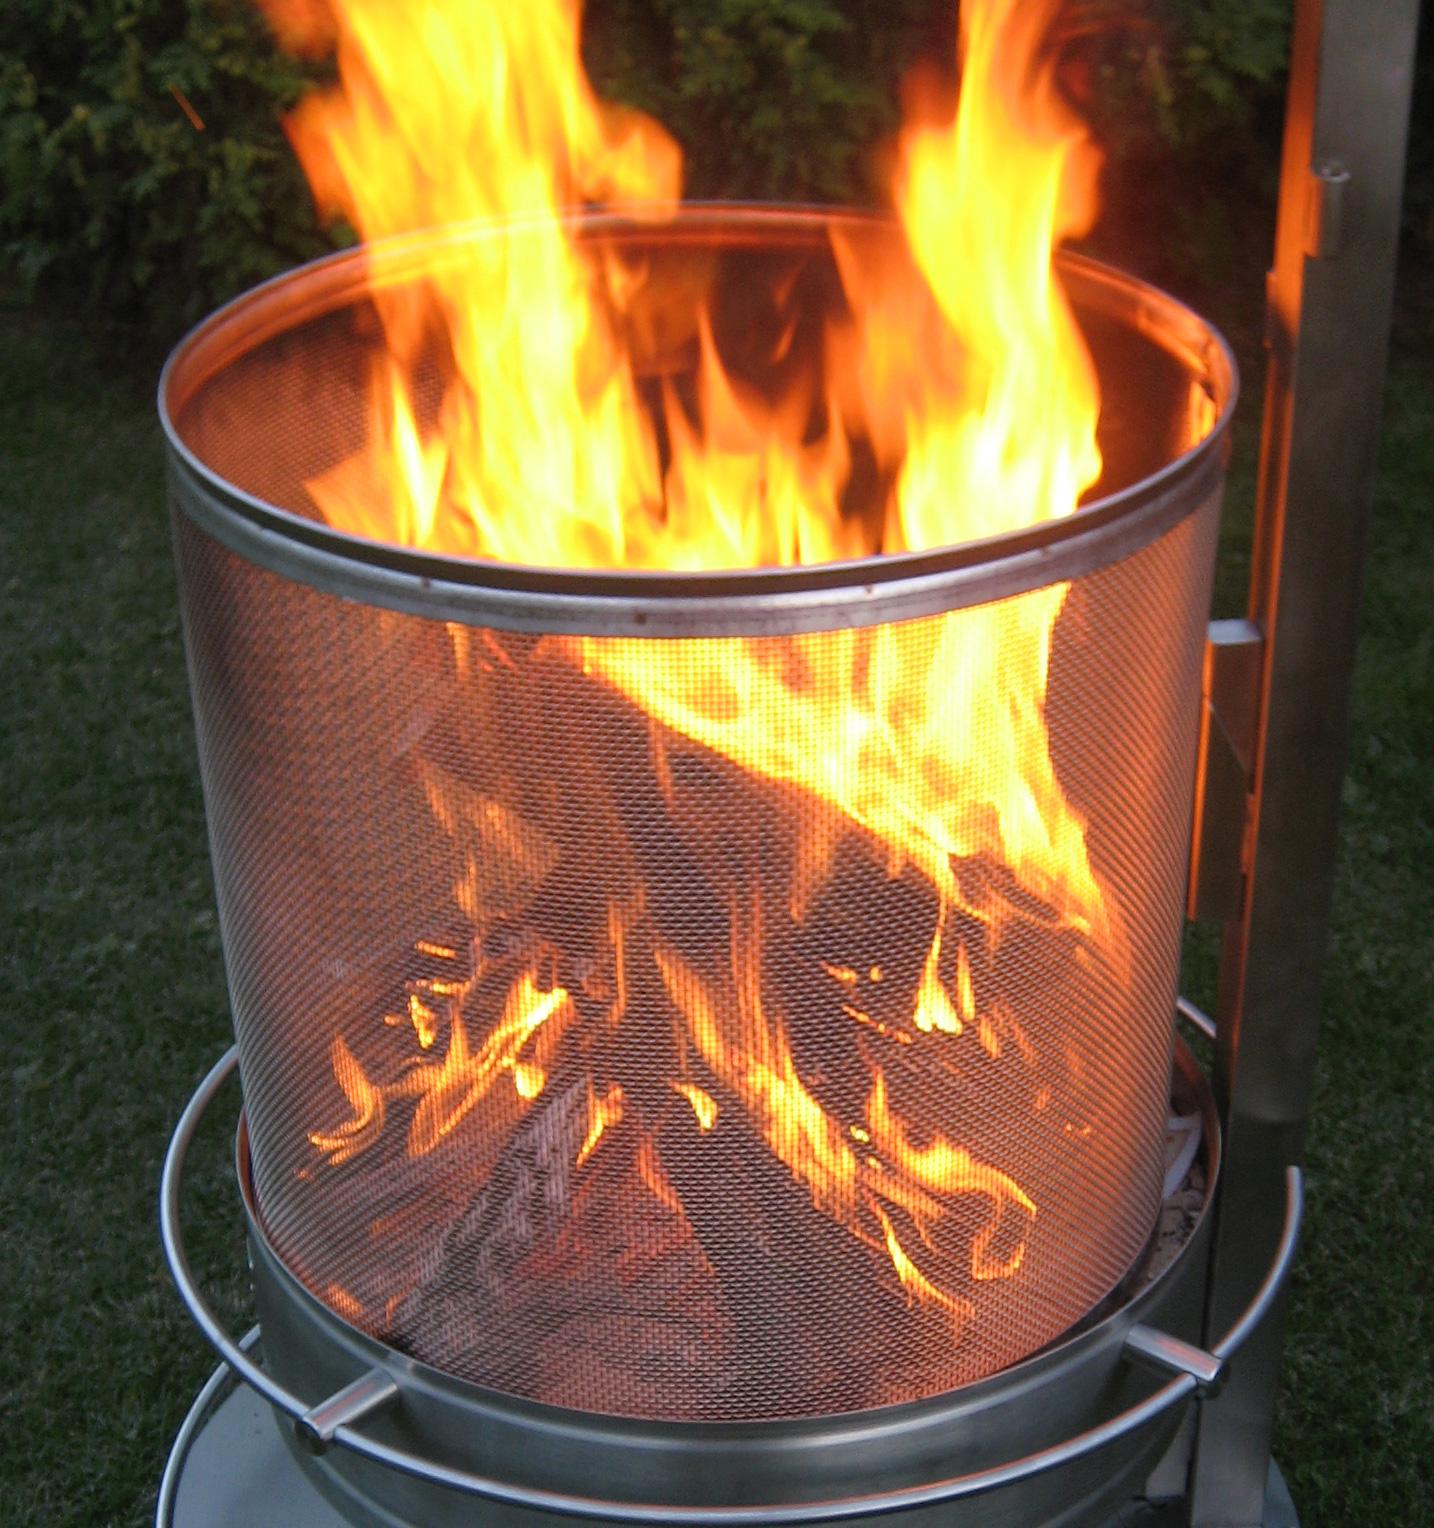 Design Feuerstelle girse design feuerstelle funkenschutz für feuerstelle columbus